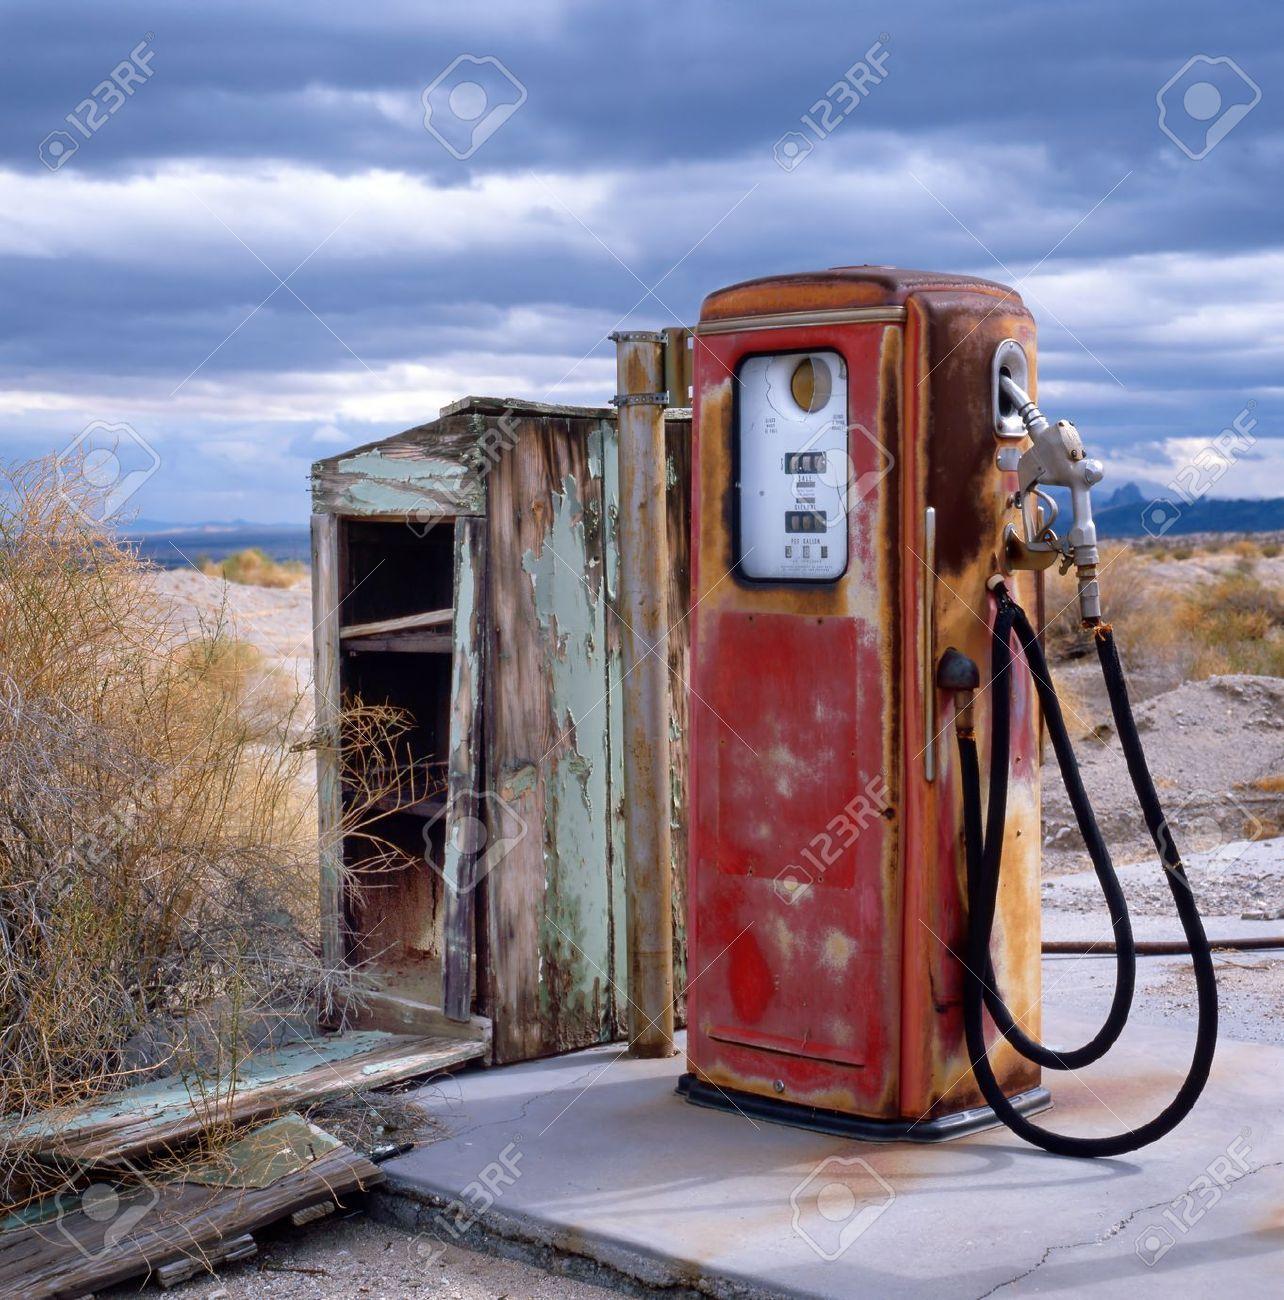 12725368-Gasolinera-en-la-ciudad-fantasma-en-la-frontera-del ...